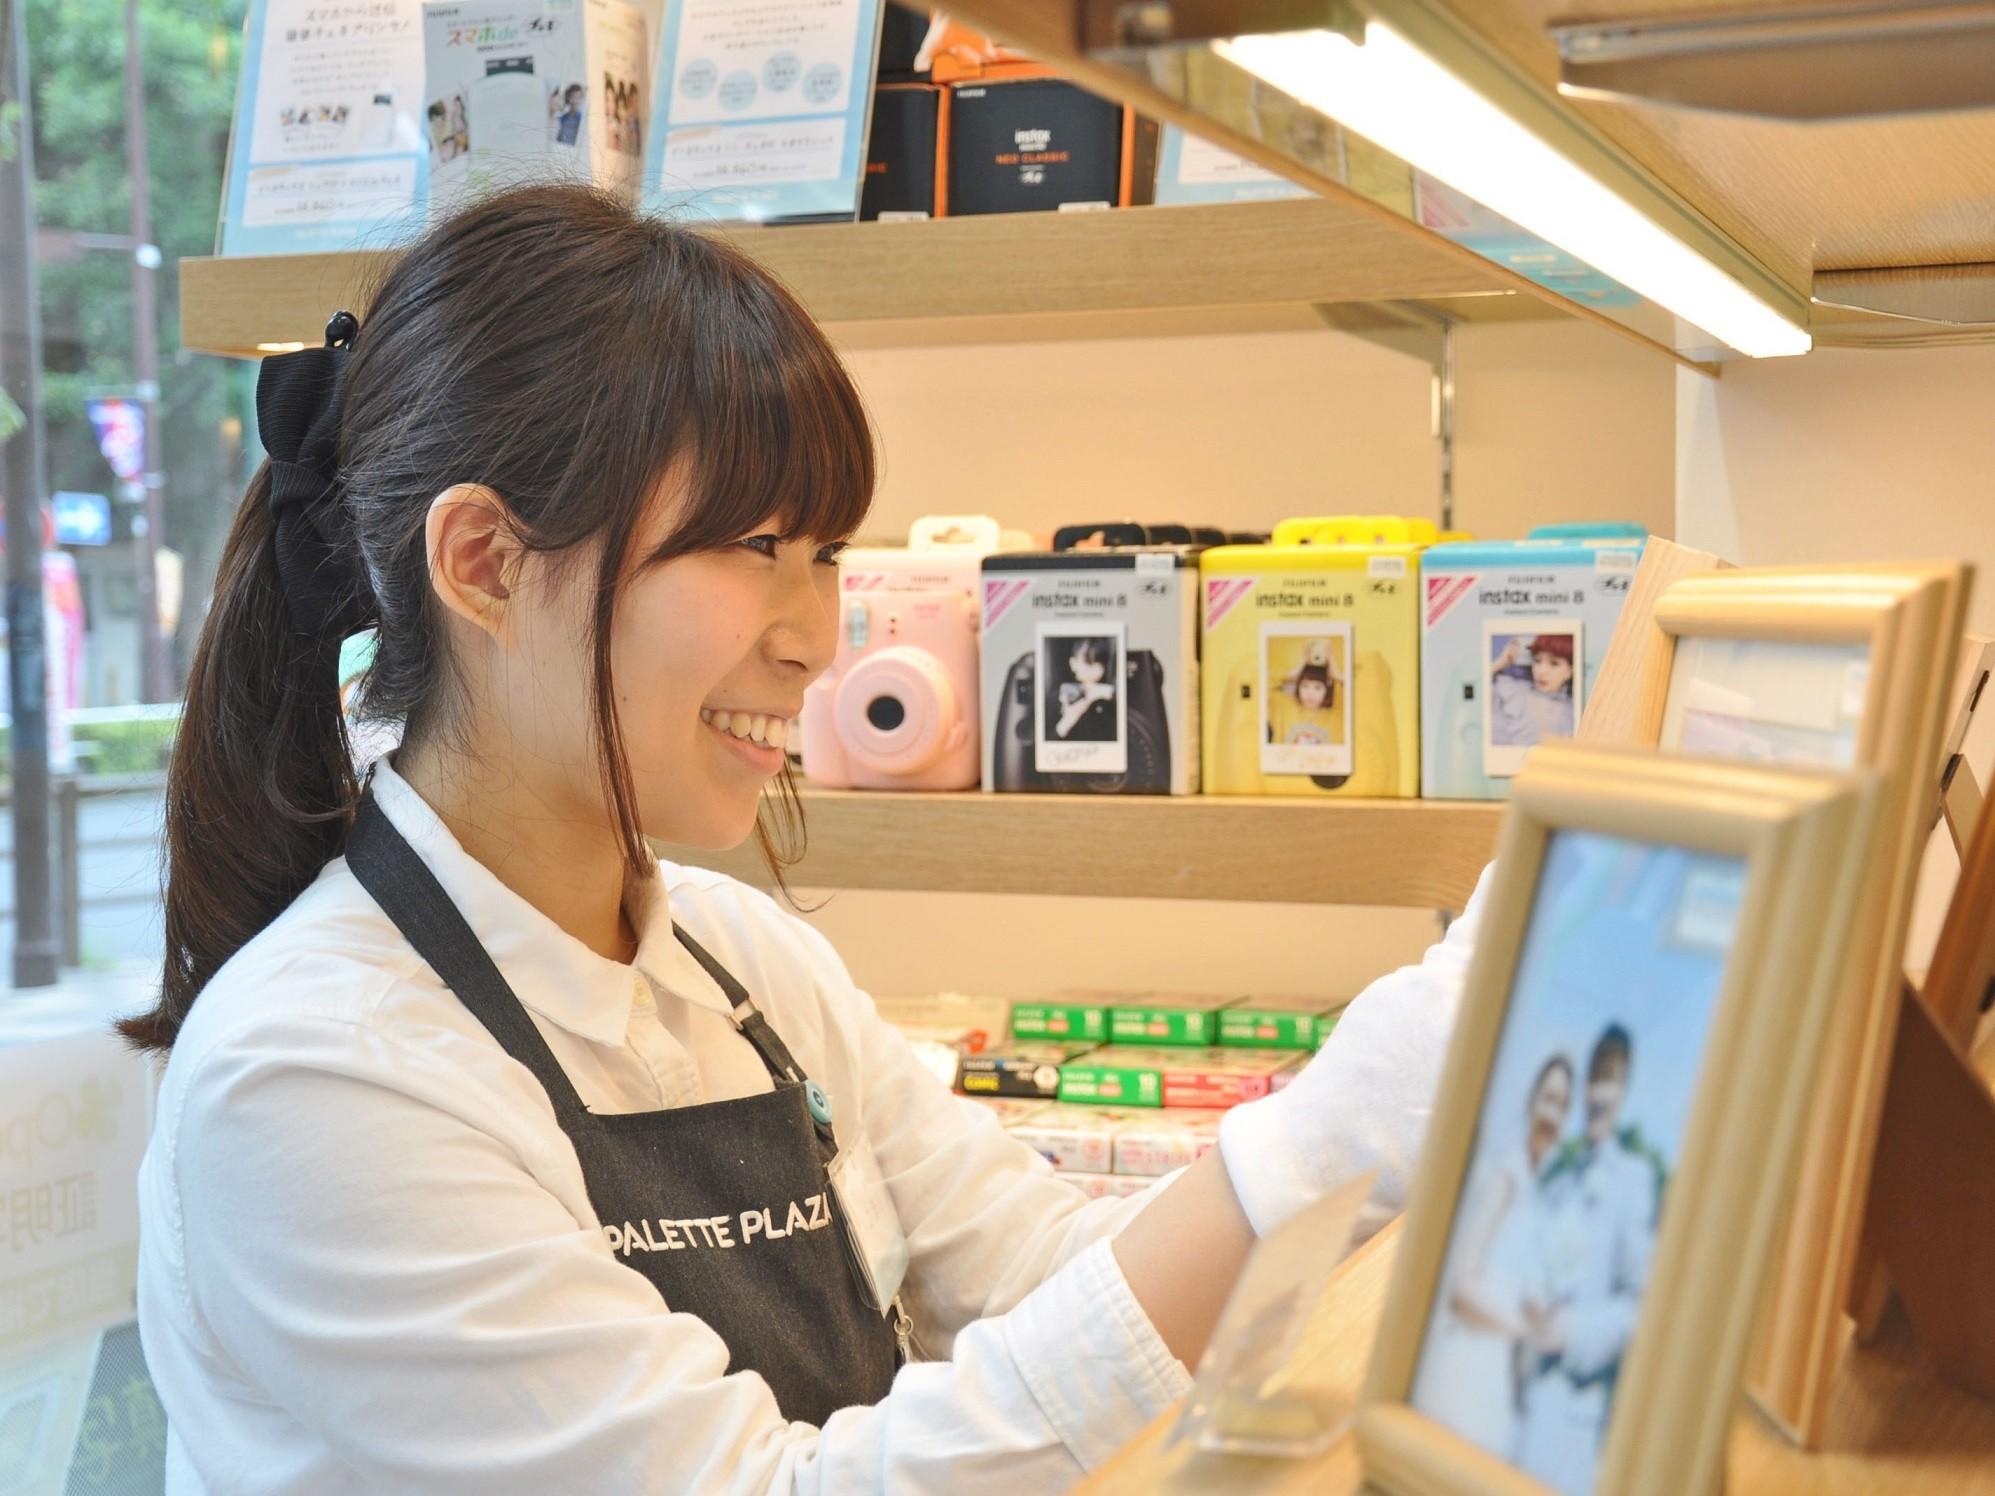 55ステーション イオン横須賀店<短期募集>のアルバイト情報